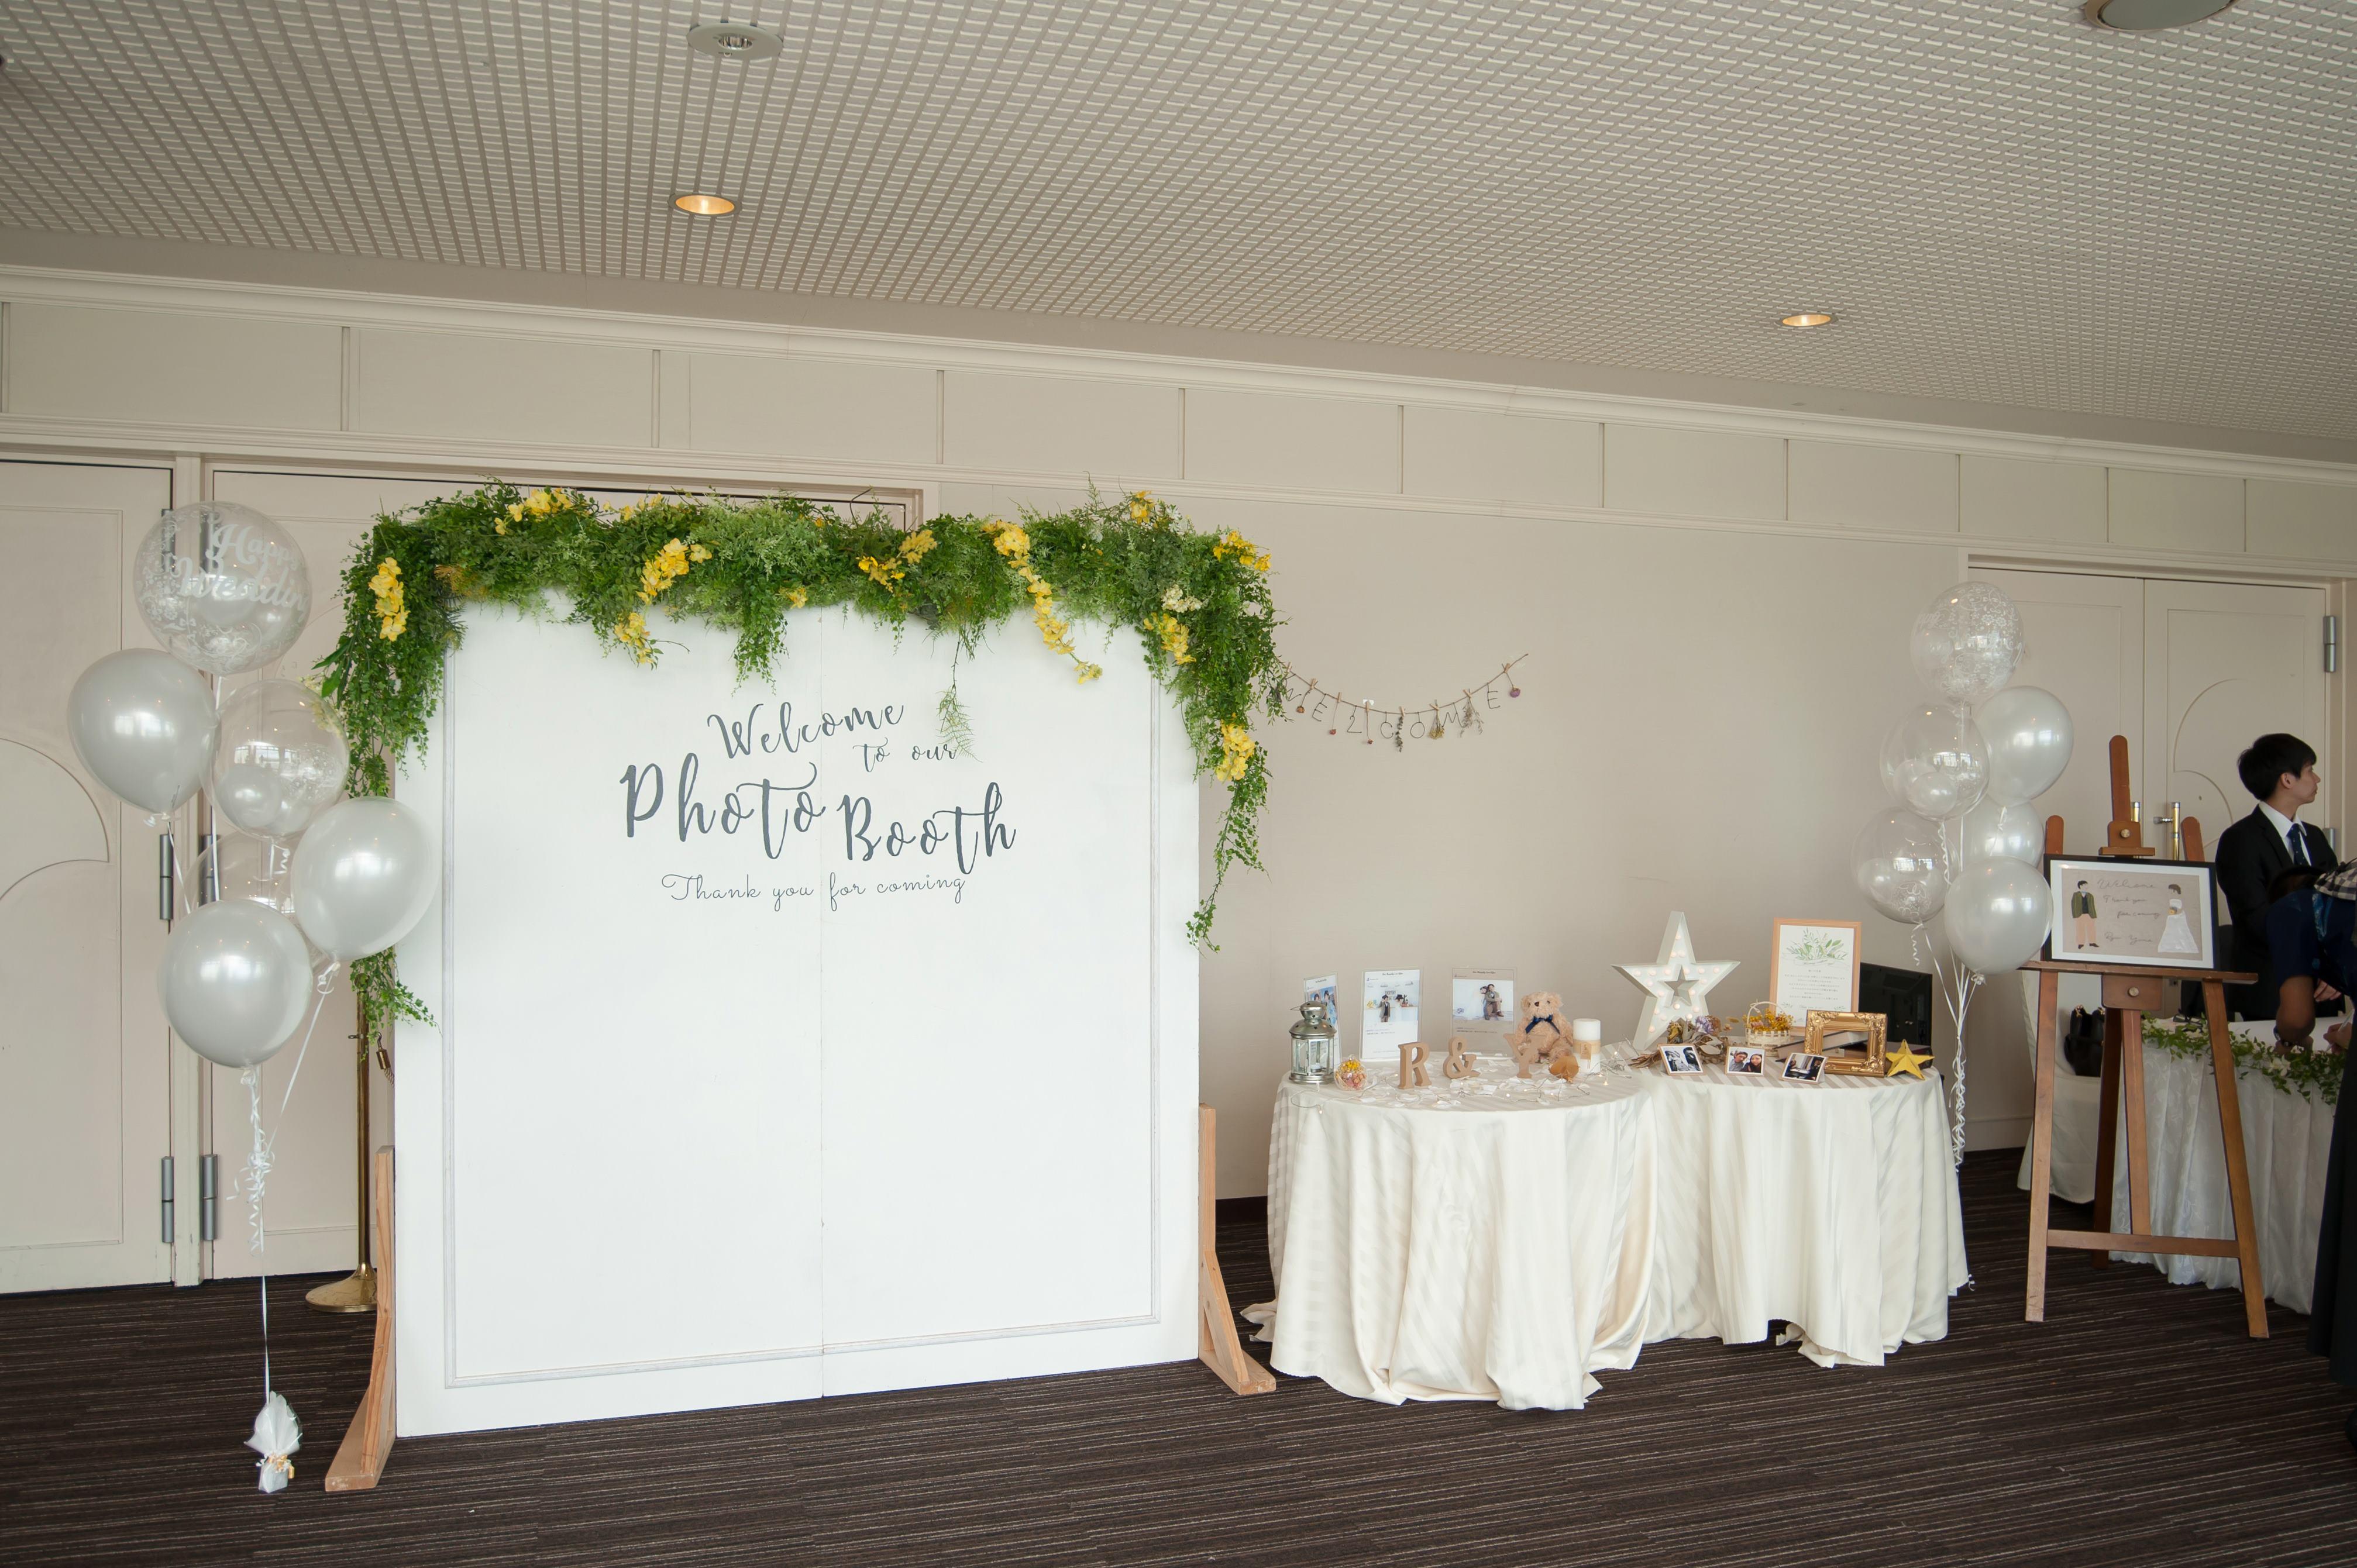 フォトブース☆彡 お知らせ・ブログ 沖縄の結婚式場なら【エリスリーナ西原ヒルズガーデン】